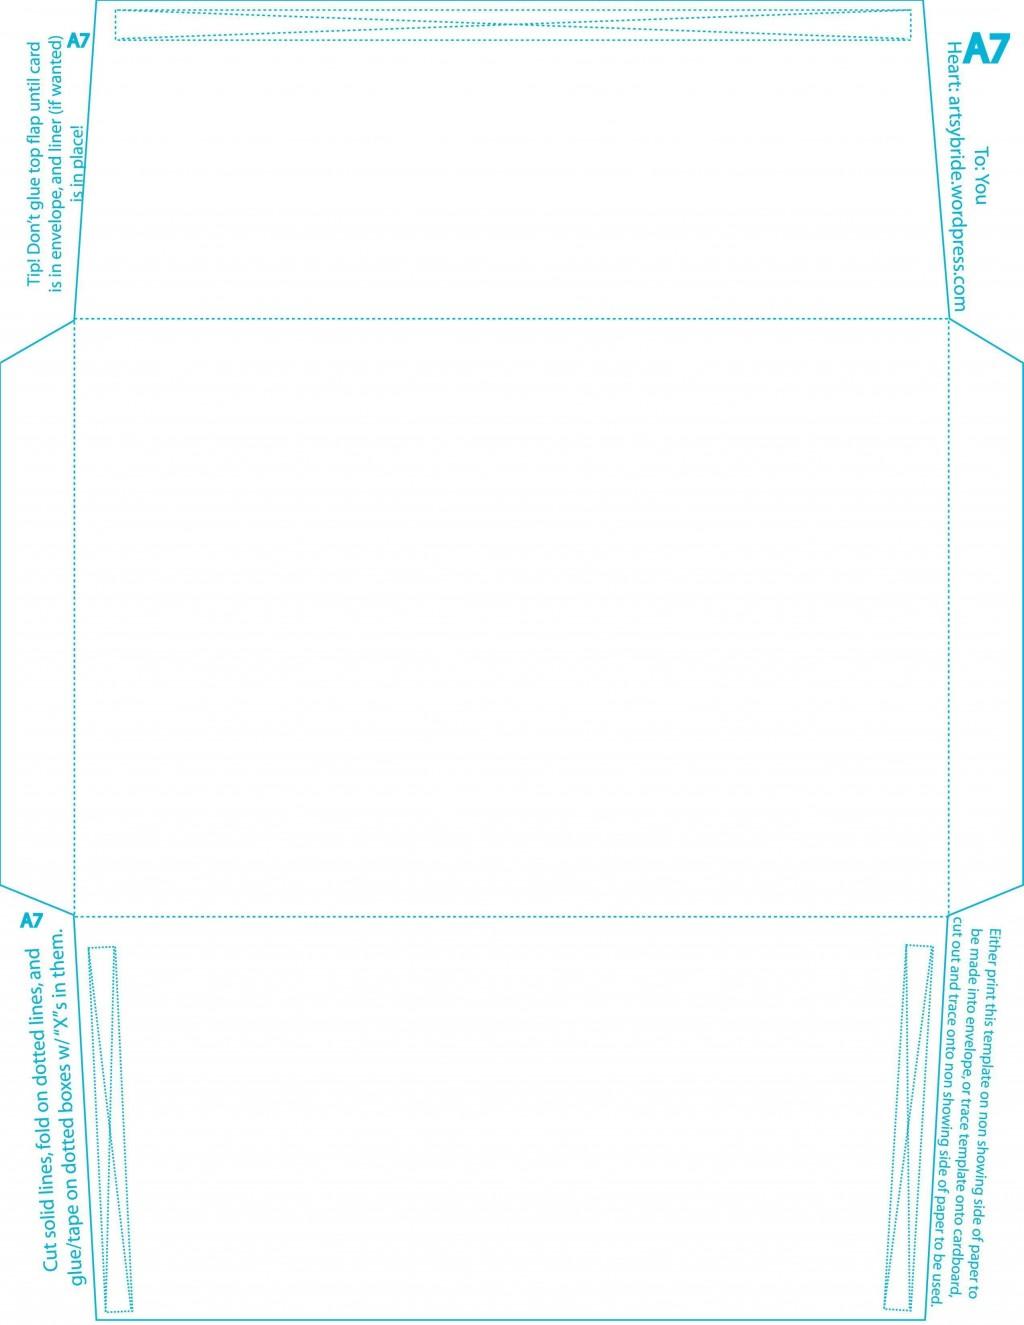 008 Wondrou A7 Envelope Liner Template High Def  Printable Illustrator FreeLarge